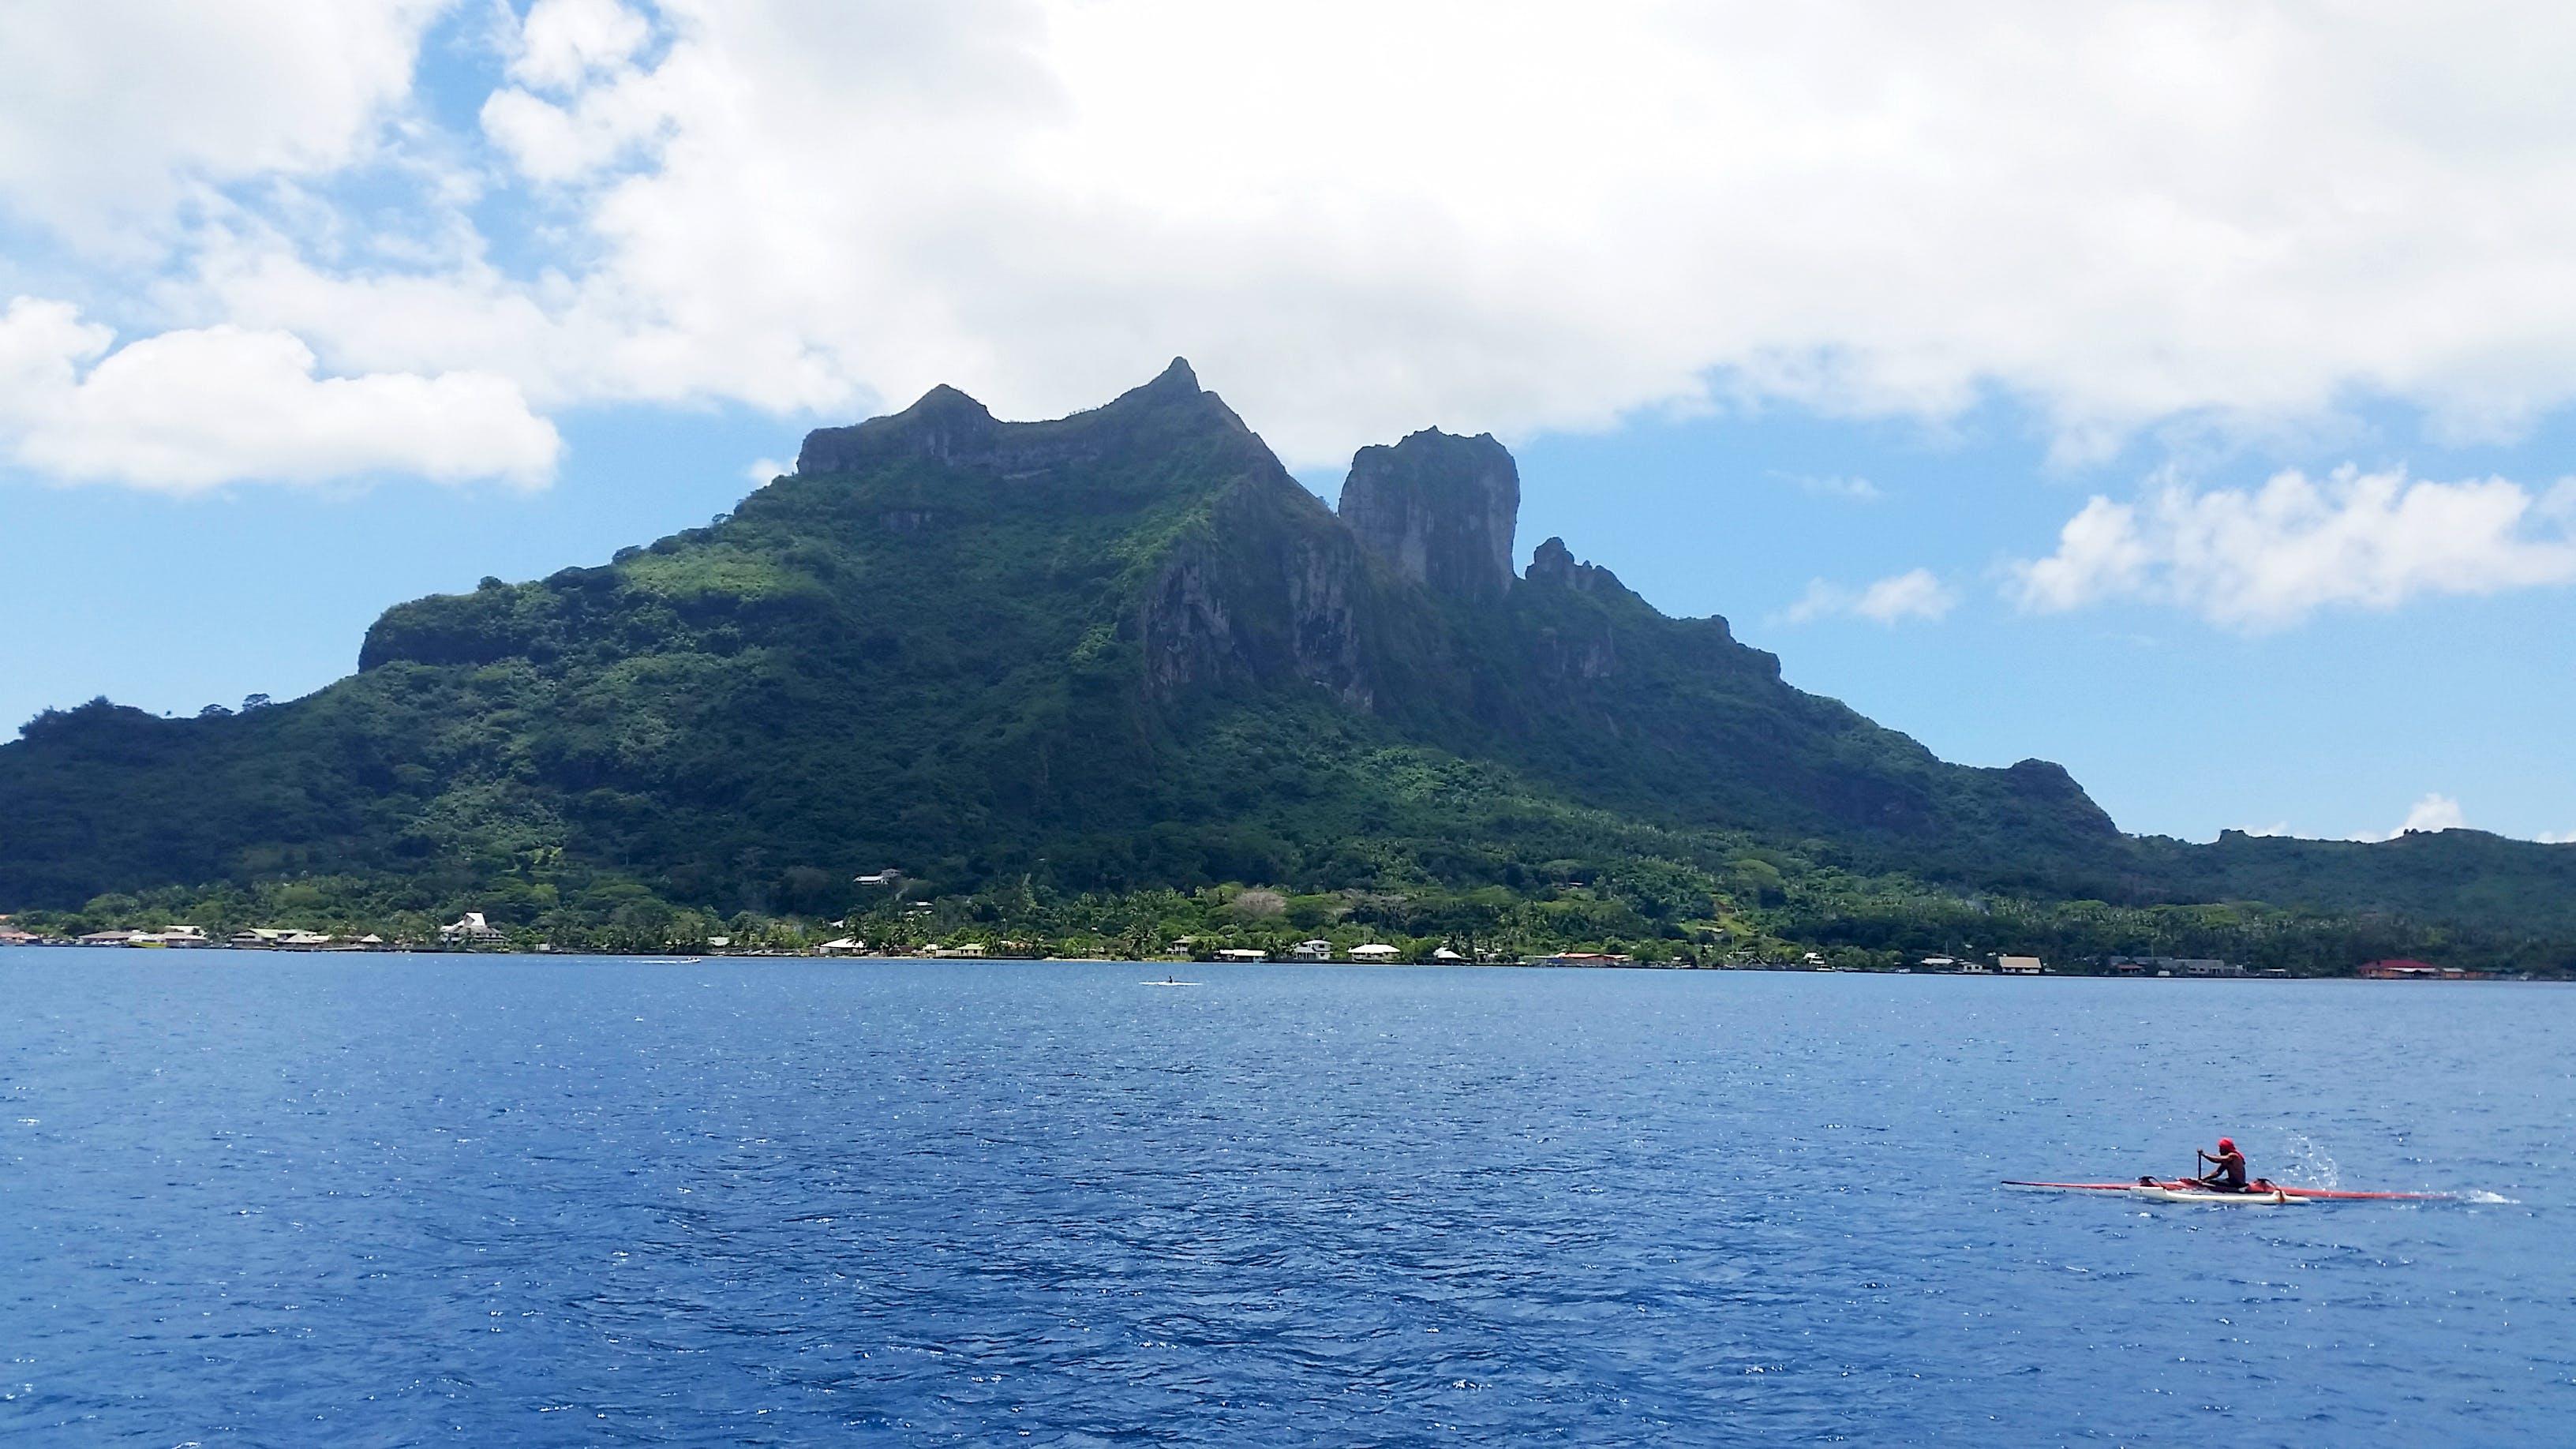 Δωρεάν στοκ φωτογραφιών με ακτή, άνθρωπος, βάρκα, βουνό